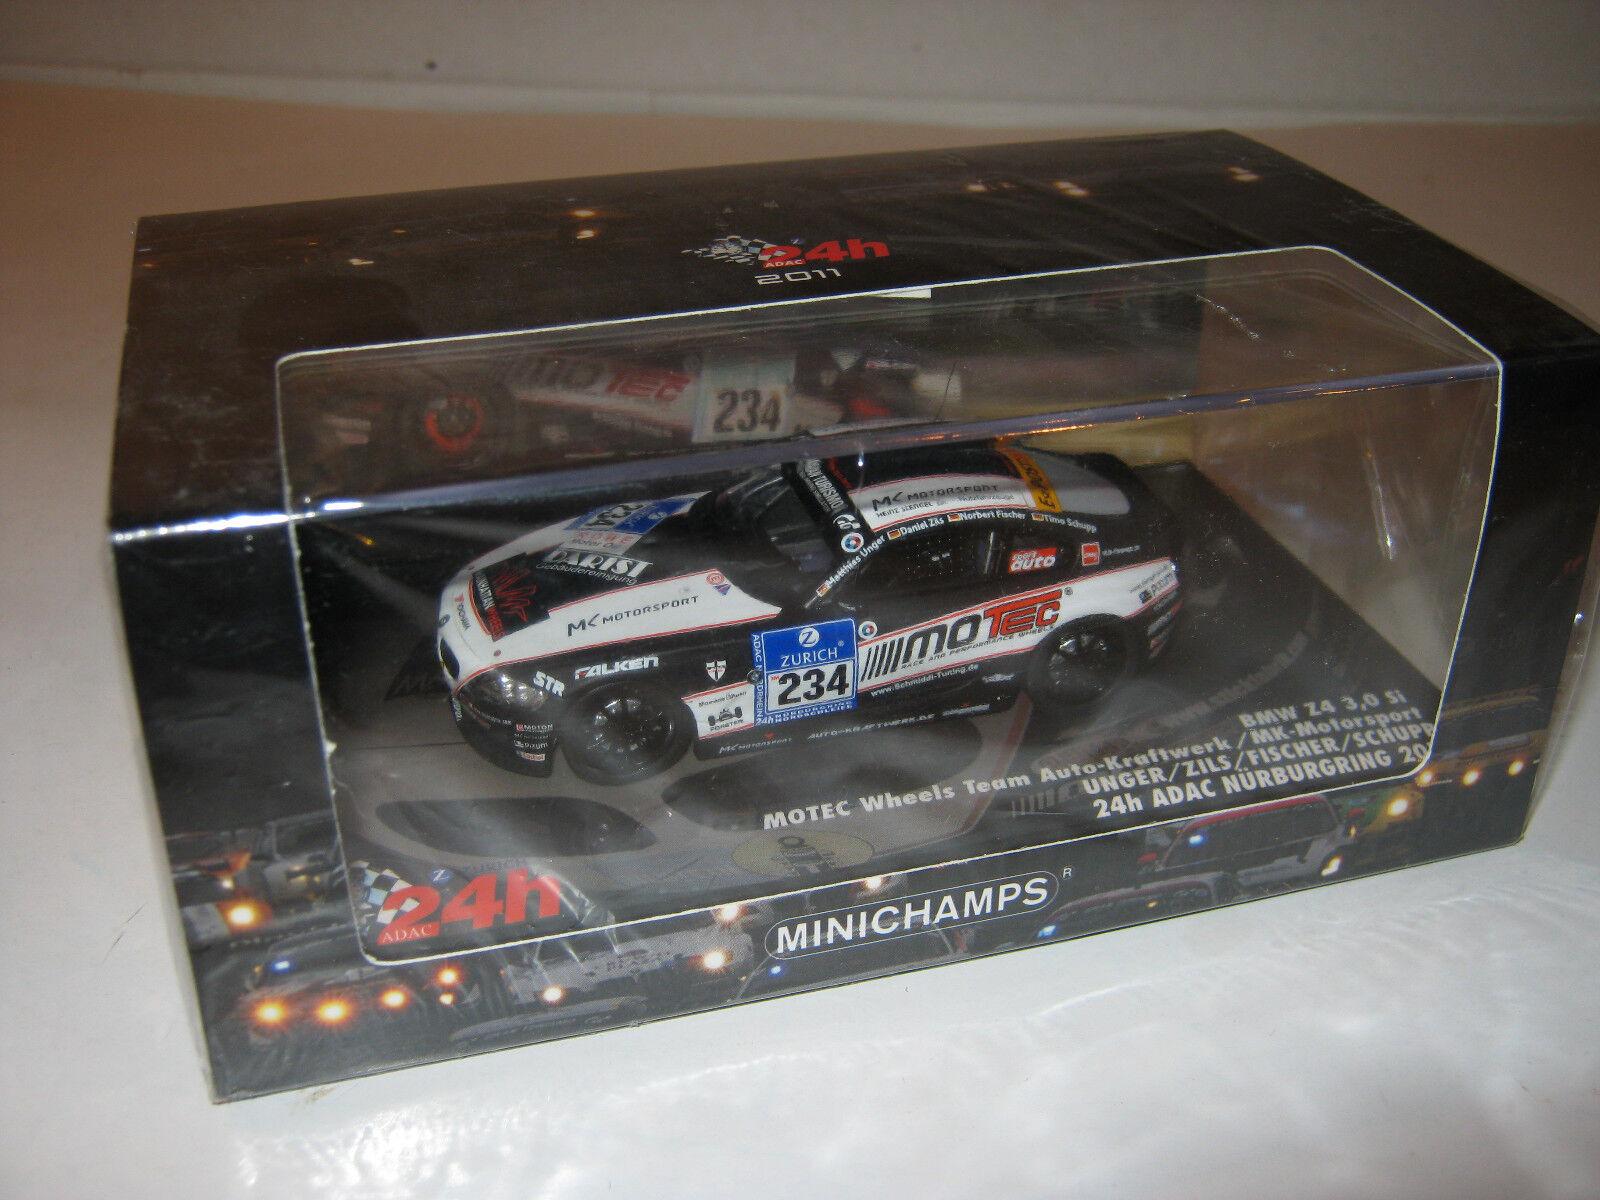 1 43 BMW Z4 3.0 Si Unger Zils 24 hrs. Nürb 2011 Minichamps 437111234 OVP new LE